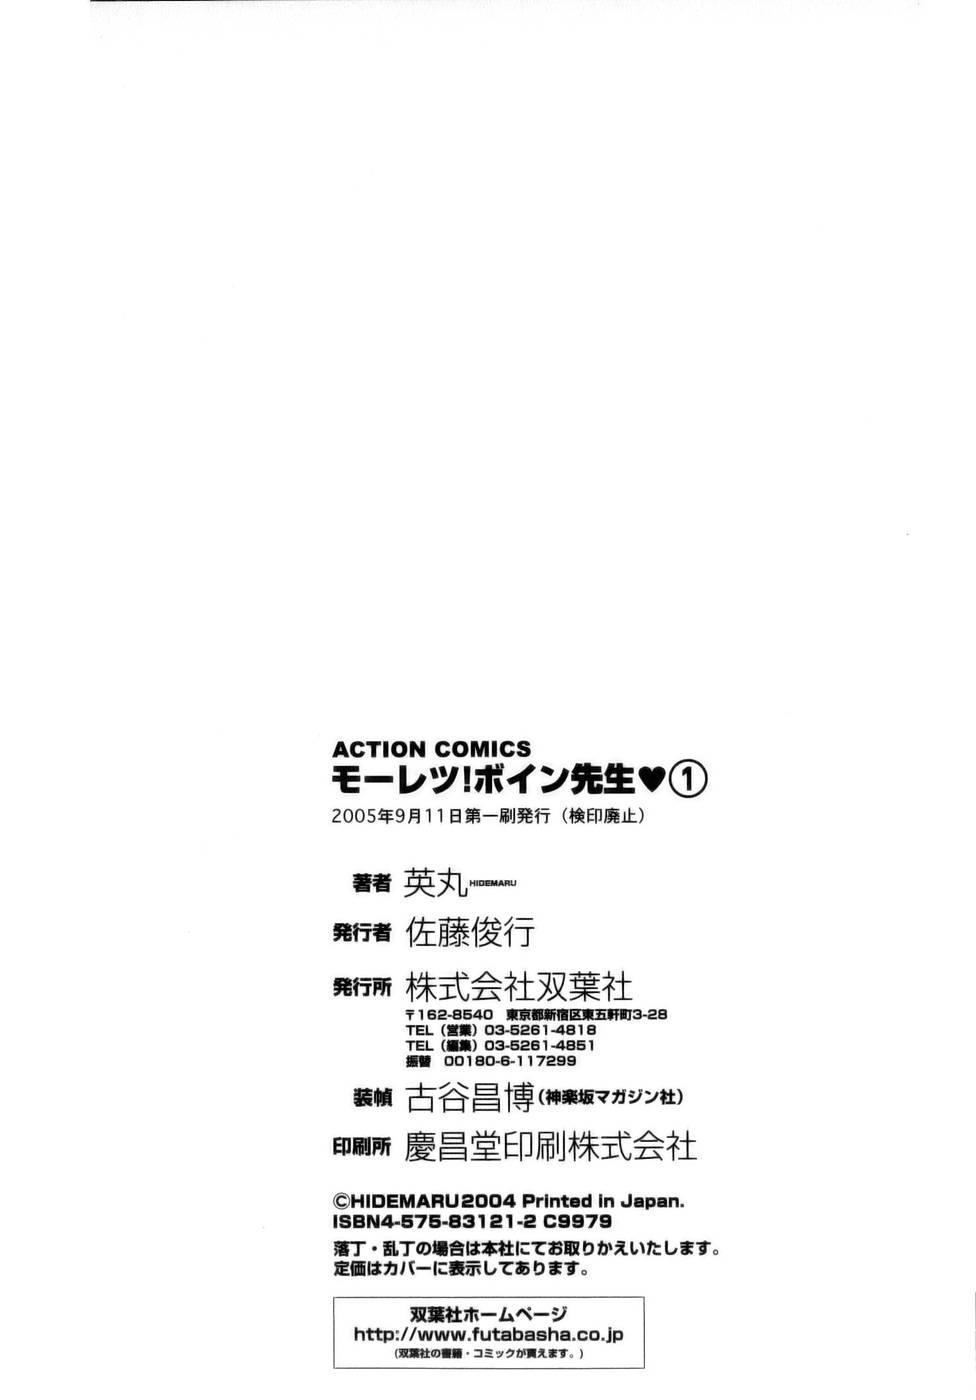 [Hidemaru] Mo-Retsu! Boin Sensei (Boing Boing Teacher) Vol.1 193